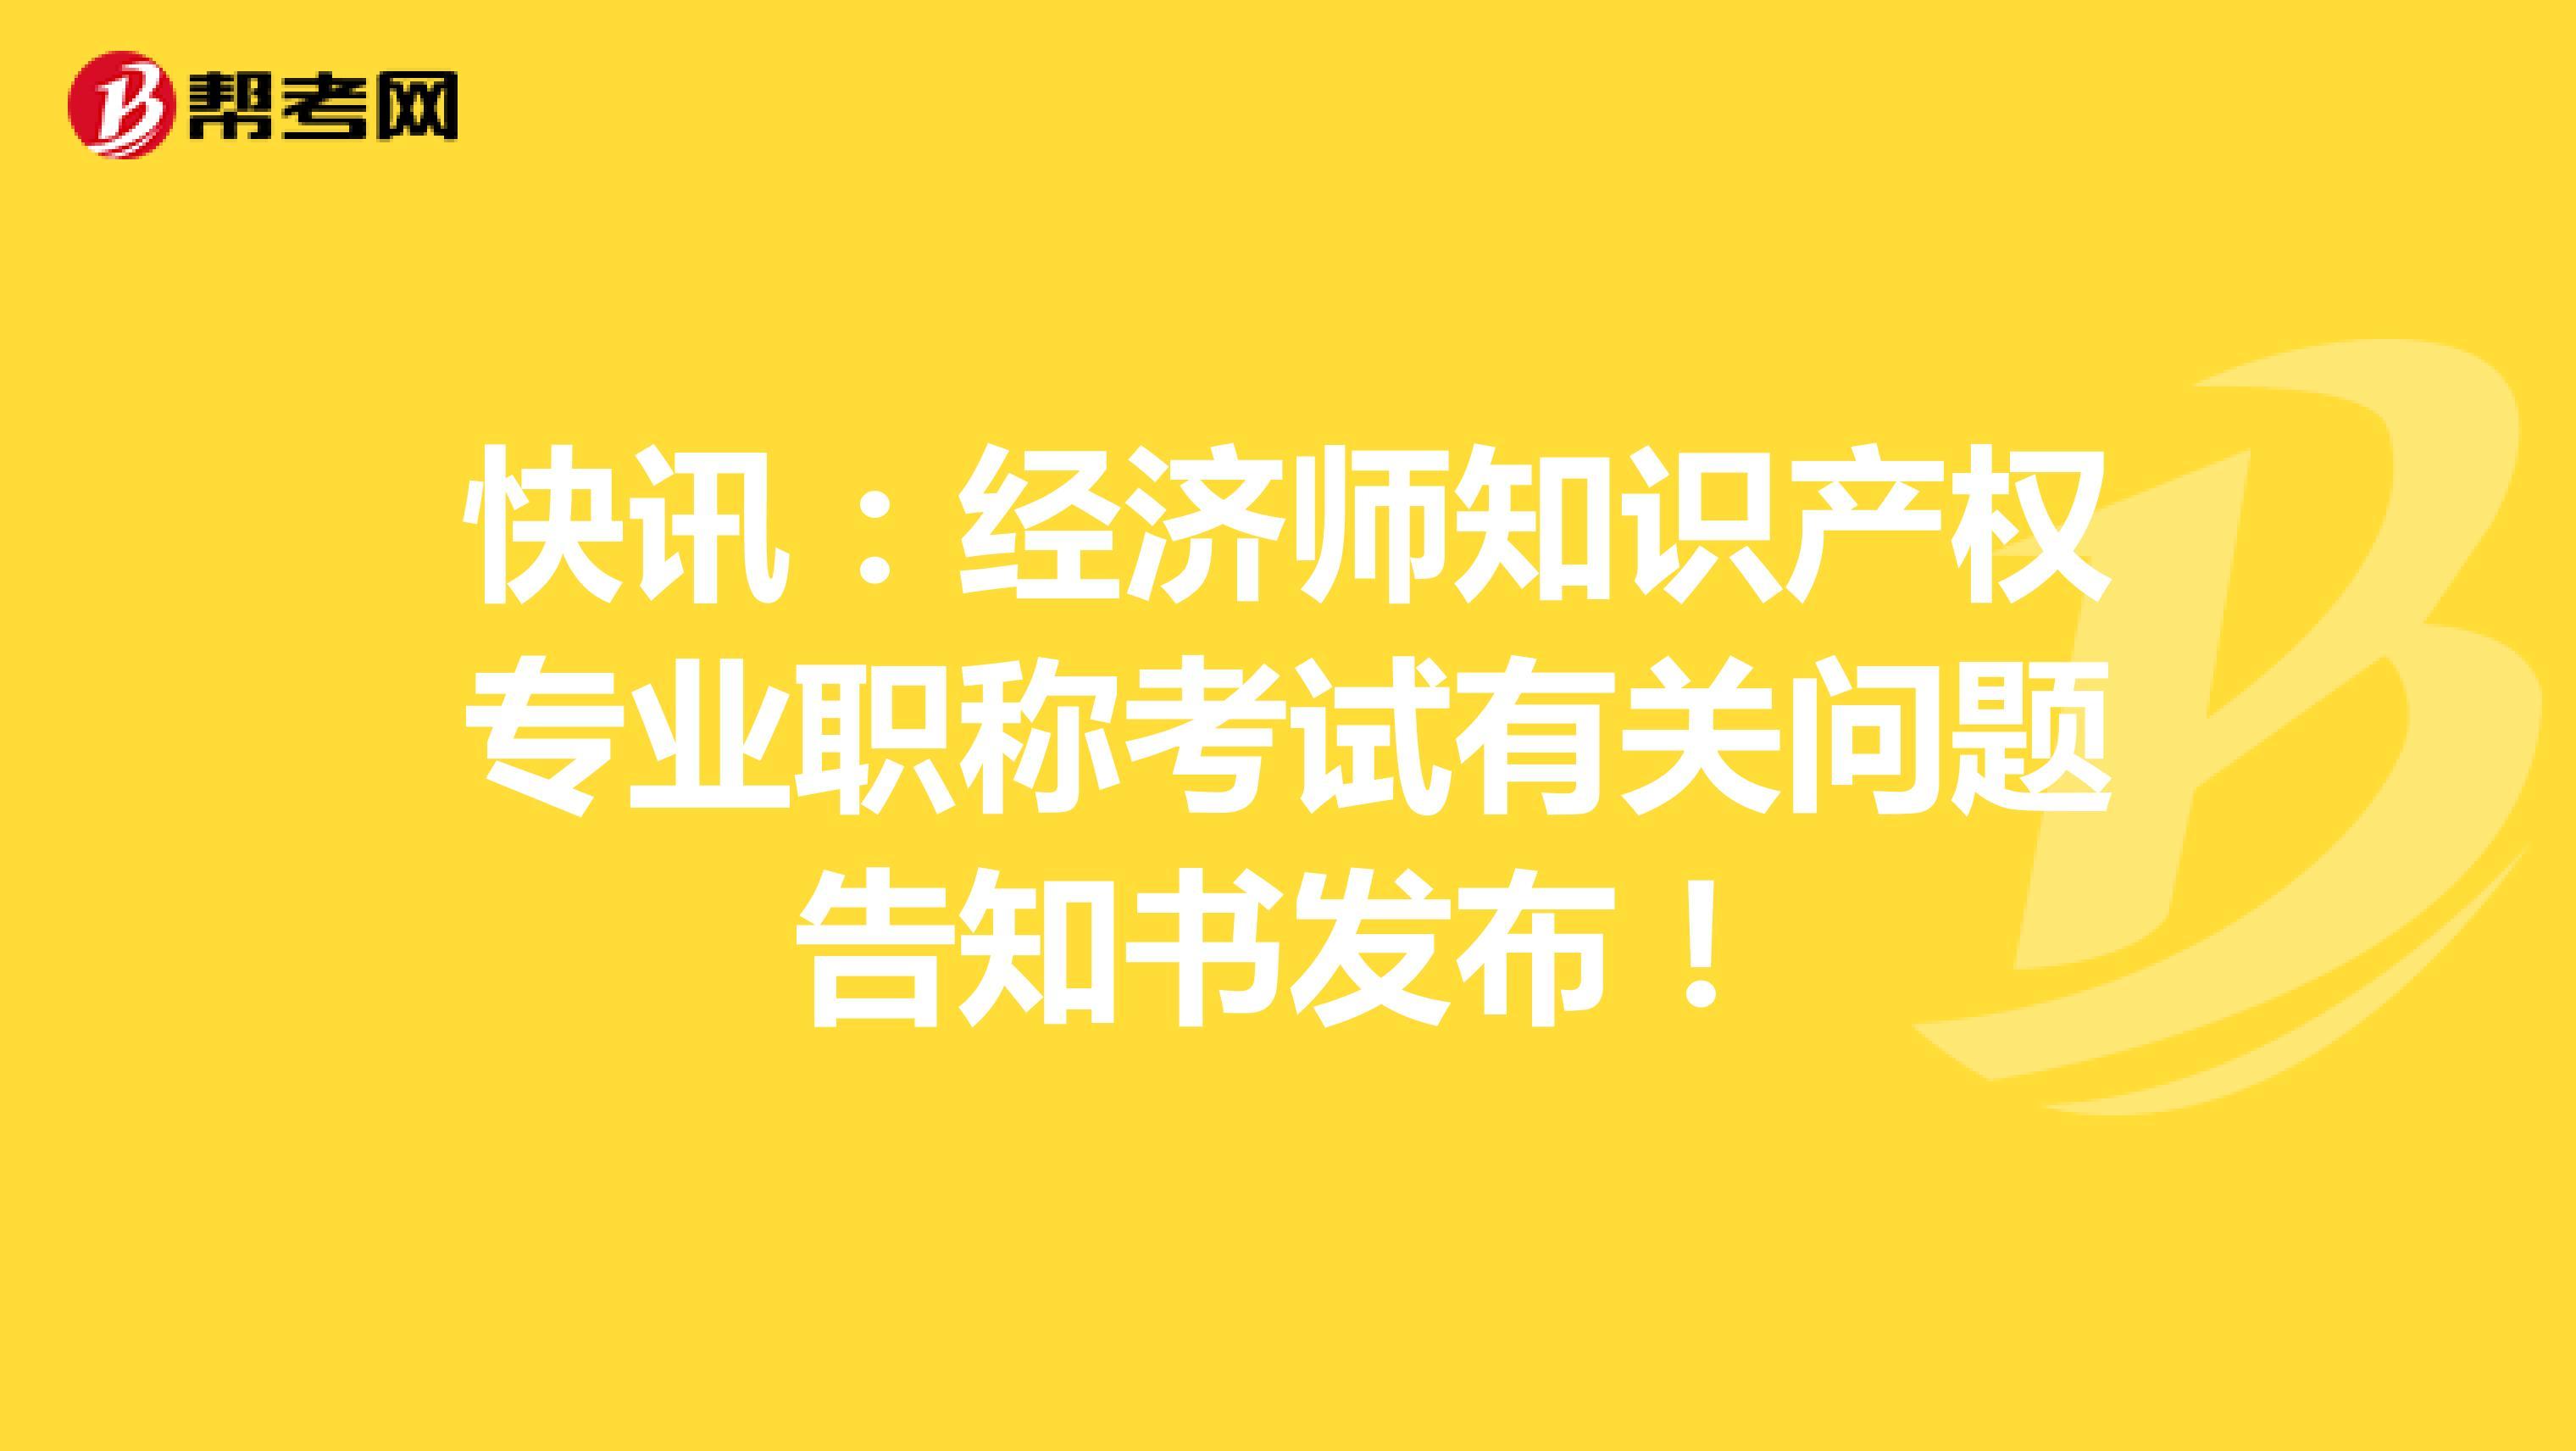 快訊:經濟師知識產權專業職稱考試有關問題告知書發布!